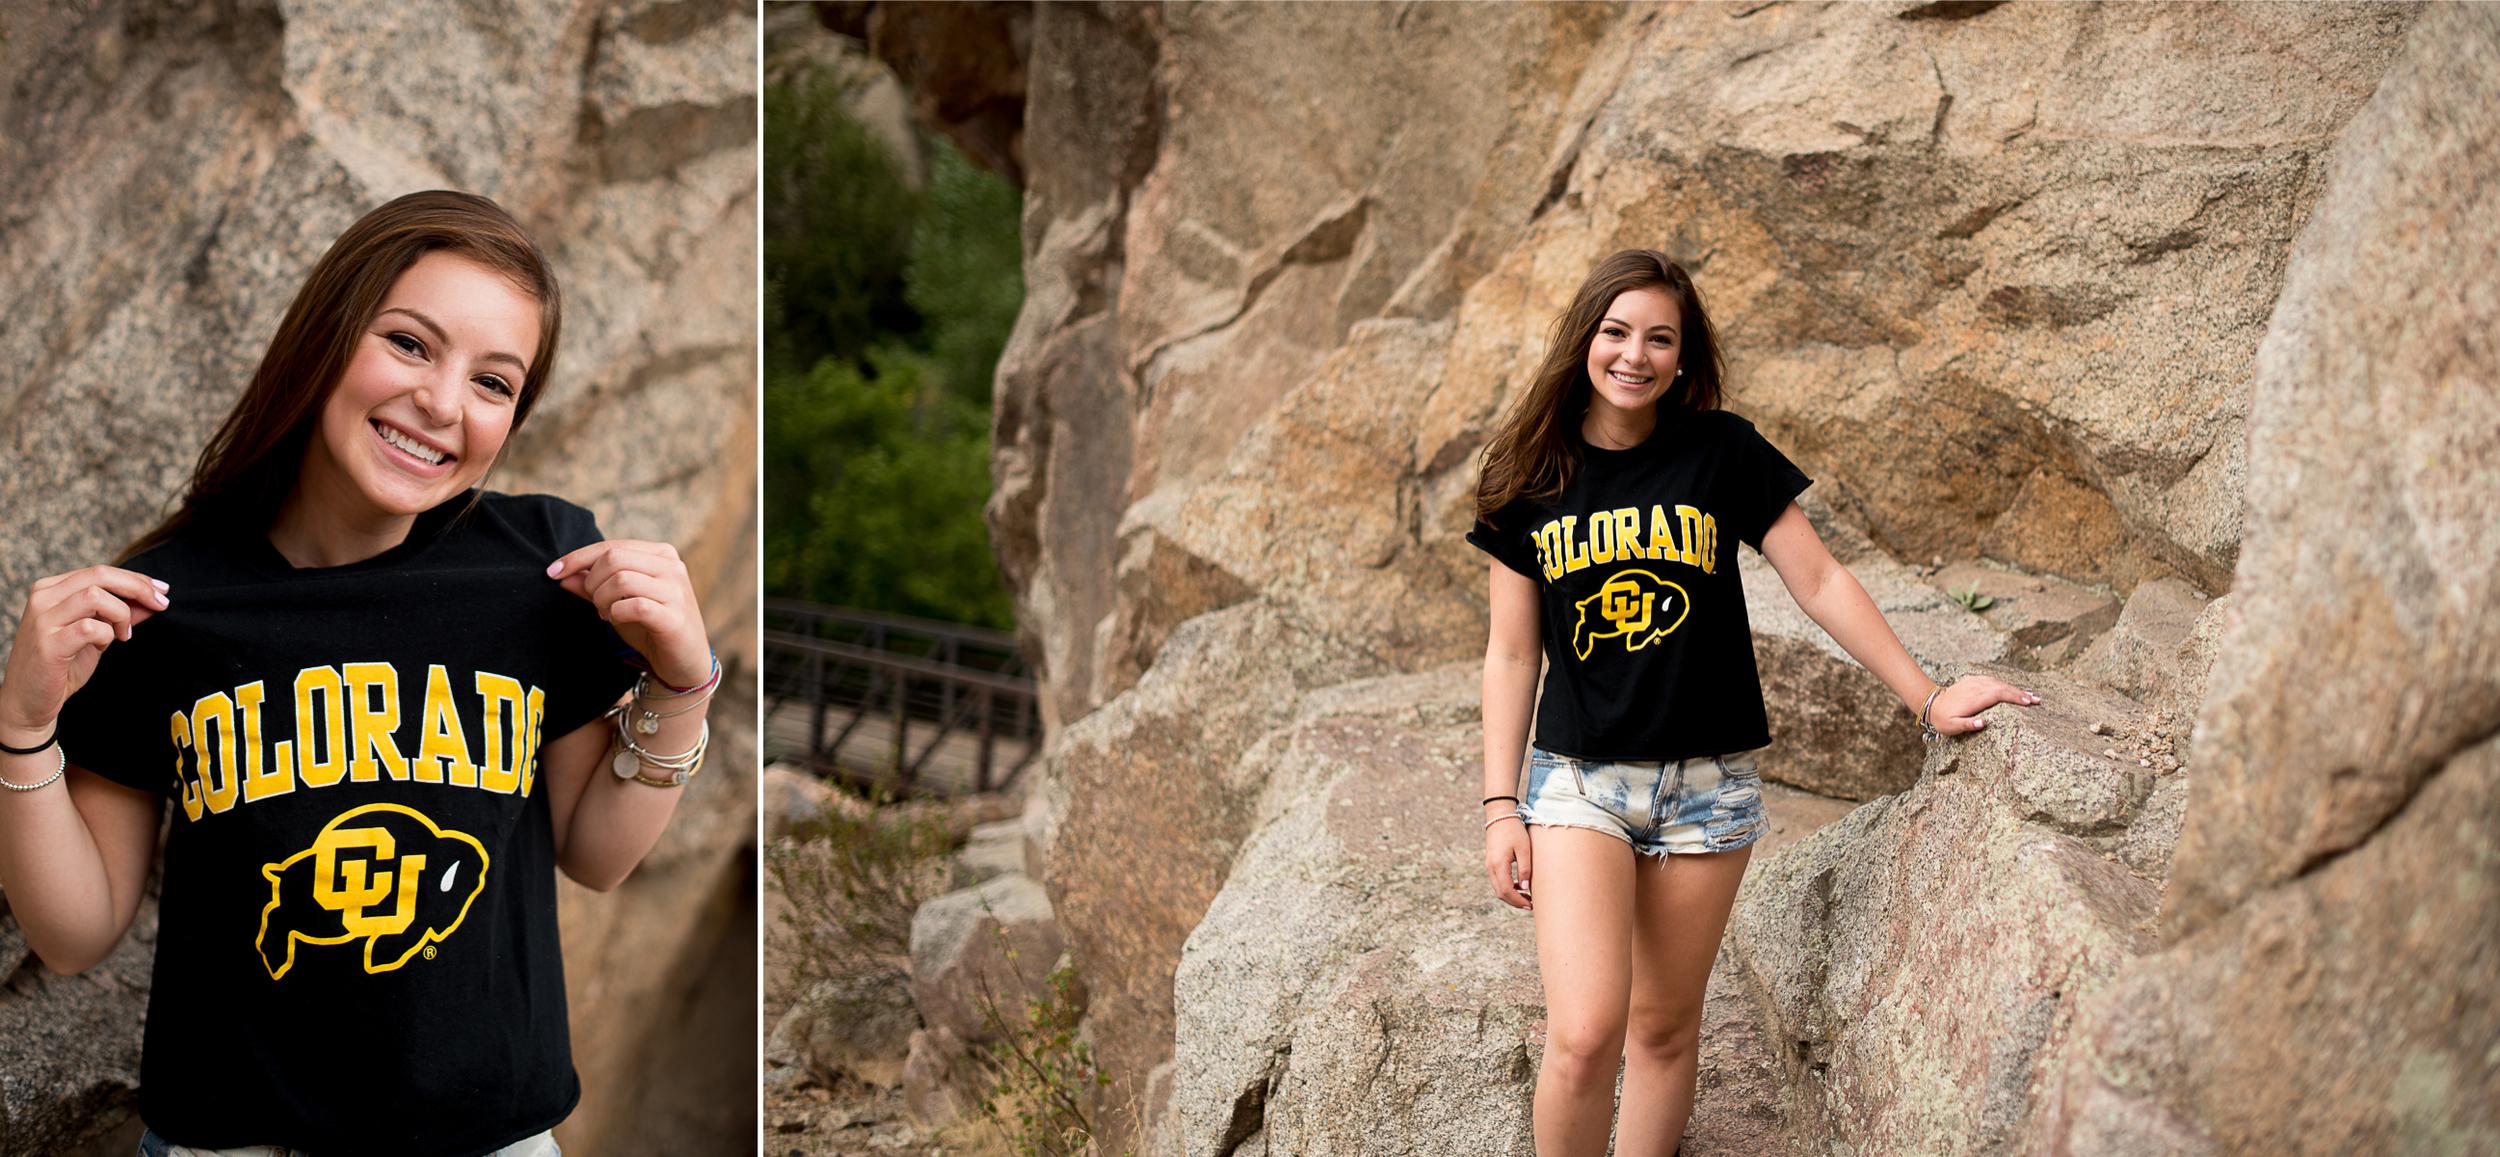 boulder-senior-portraits-CUboulder.jpg